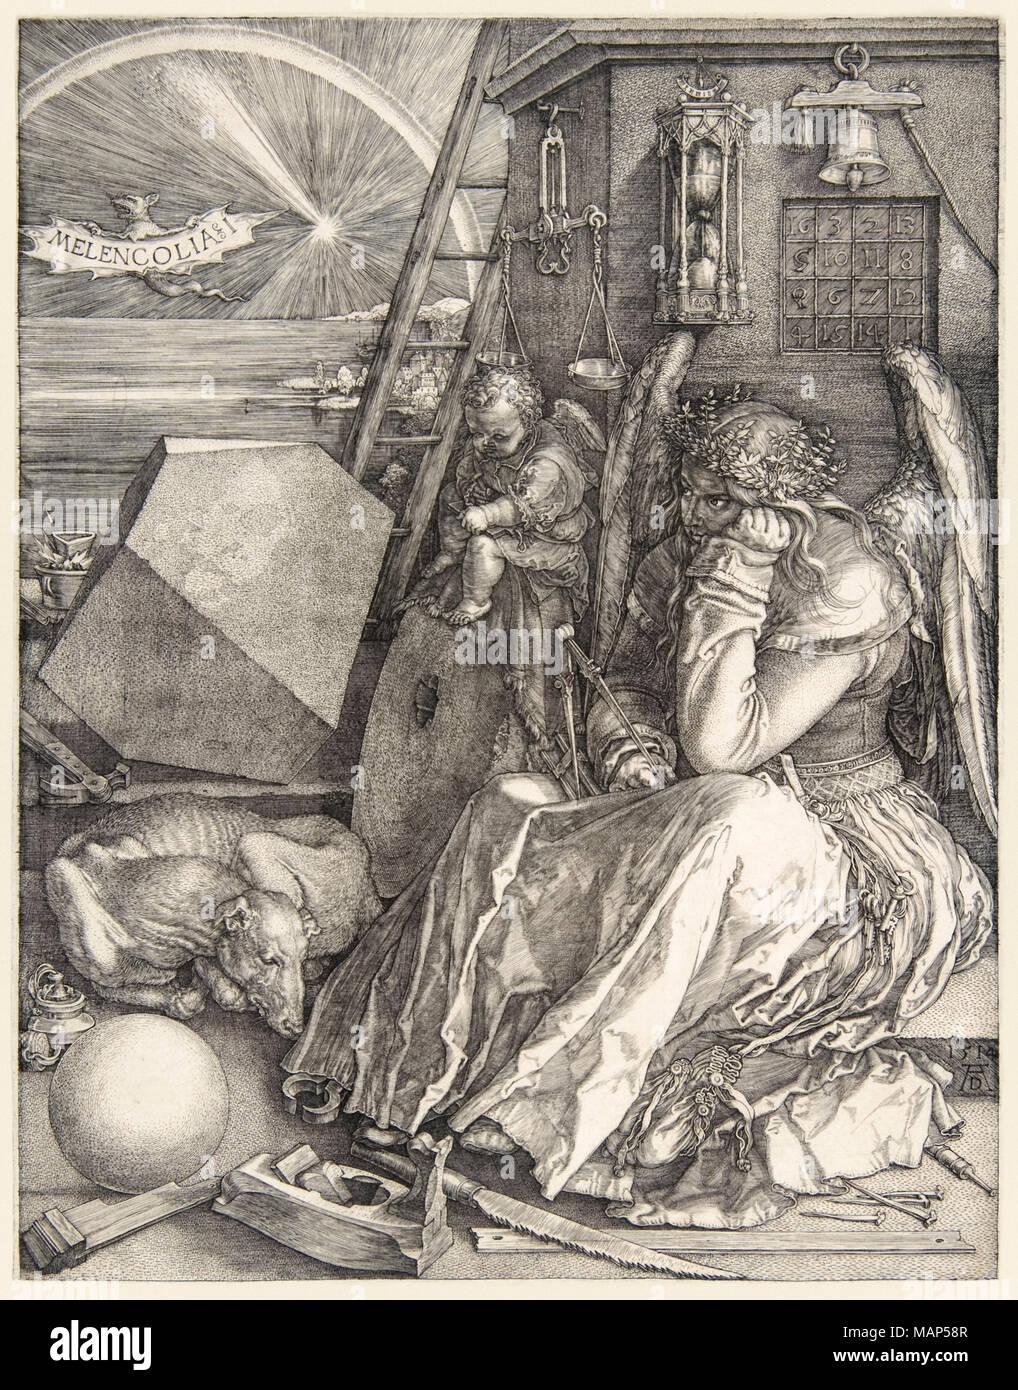 'Melencolia I' von Albrecht Dürer (1471-1528) Auf seiner 3 master Gravuren in 1514 abgeschlossen. Weitere Informationen finden Sie unten. Stockbild